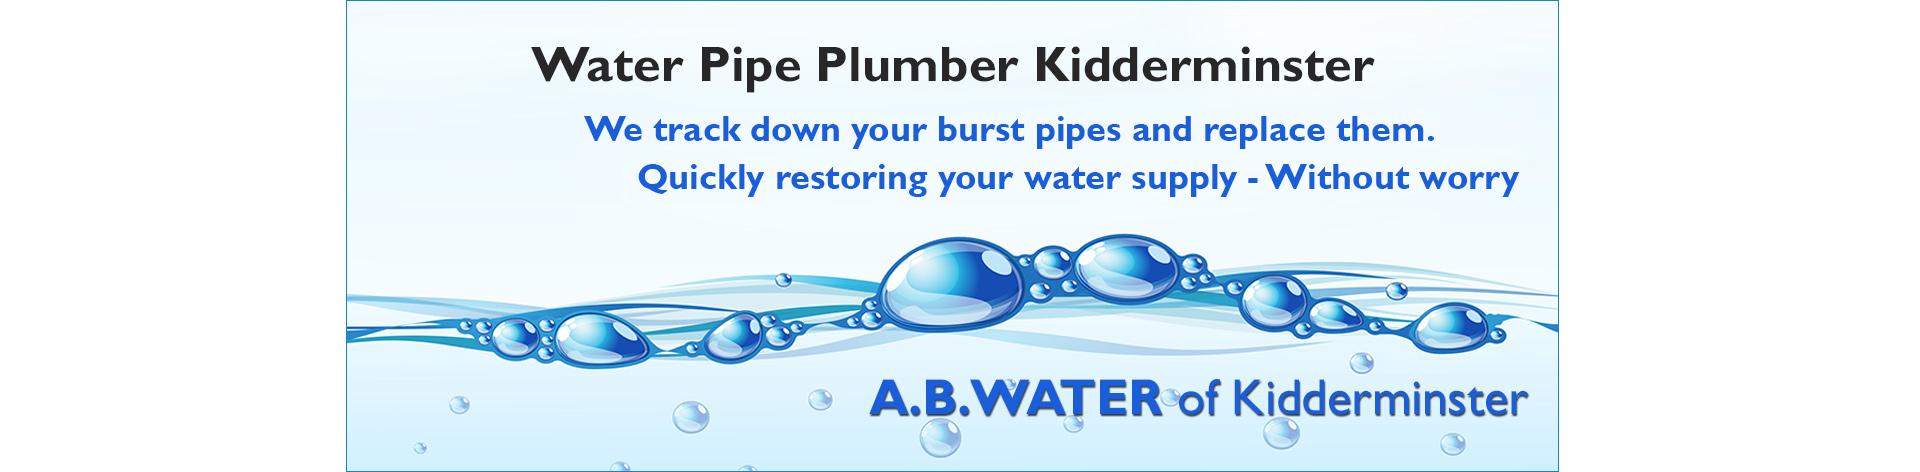 water-leak-plumber-kidderminster